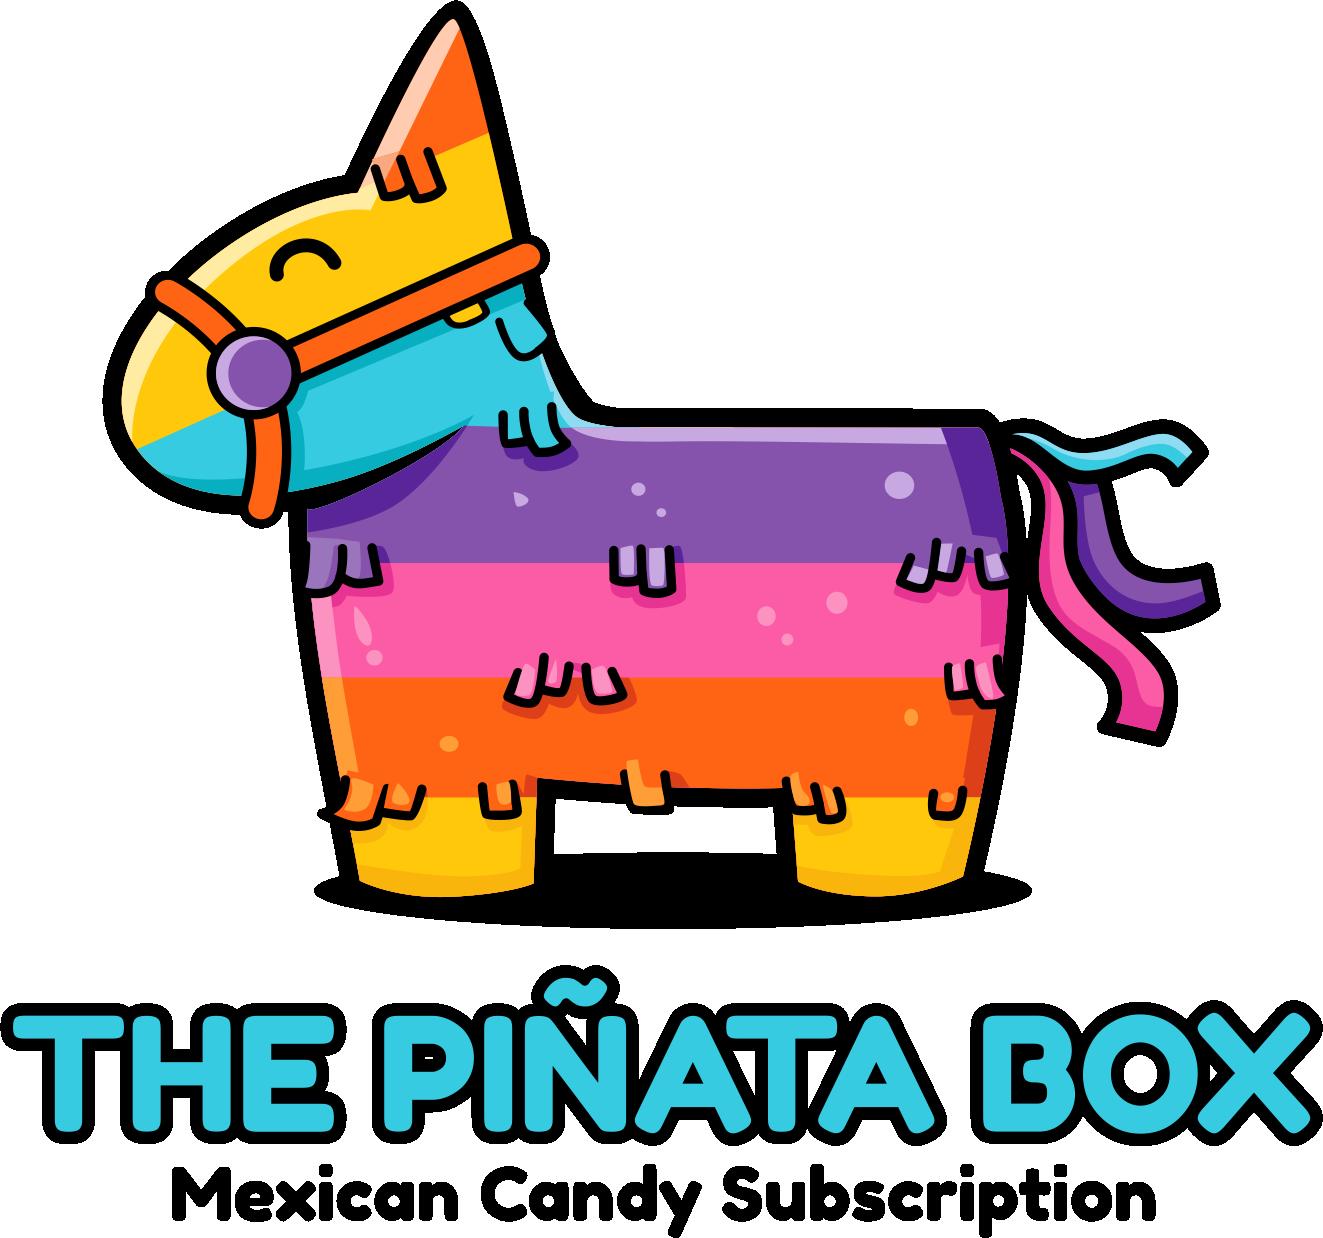 Design A Fun Creative Logo For A Mexican Candy Subscription Box